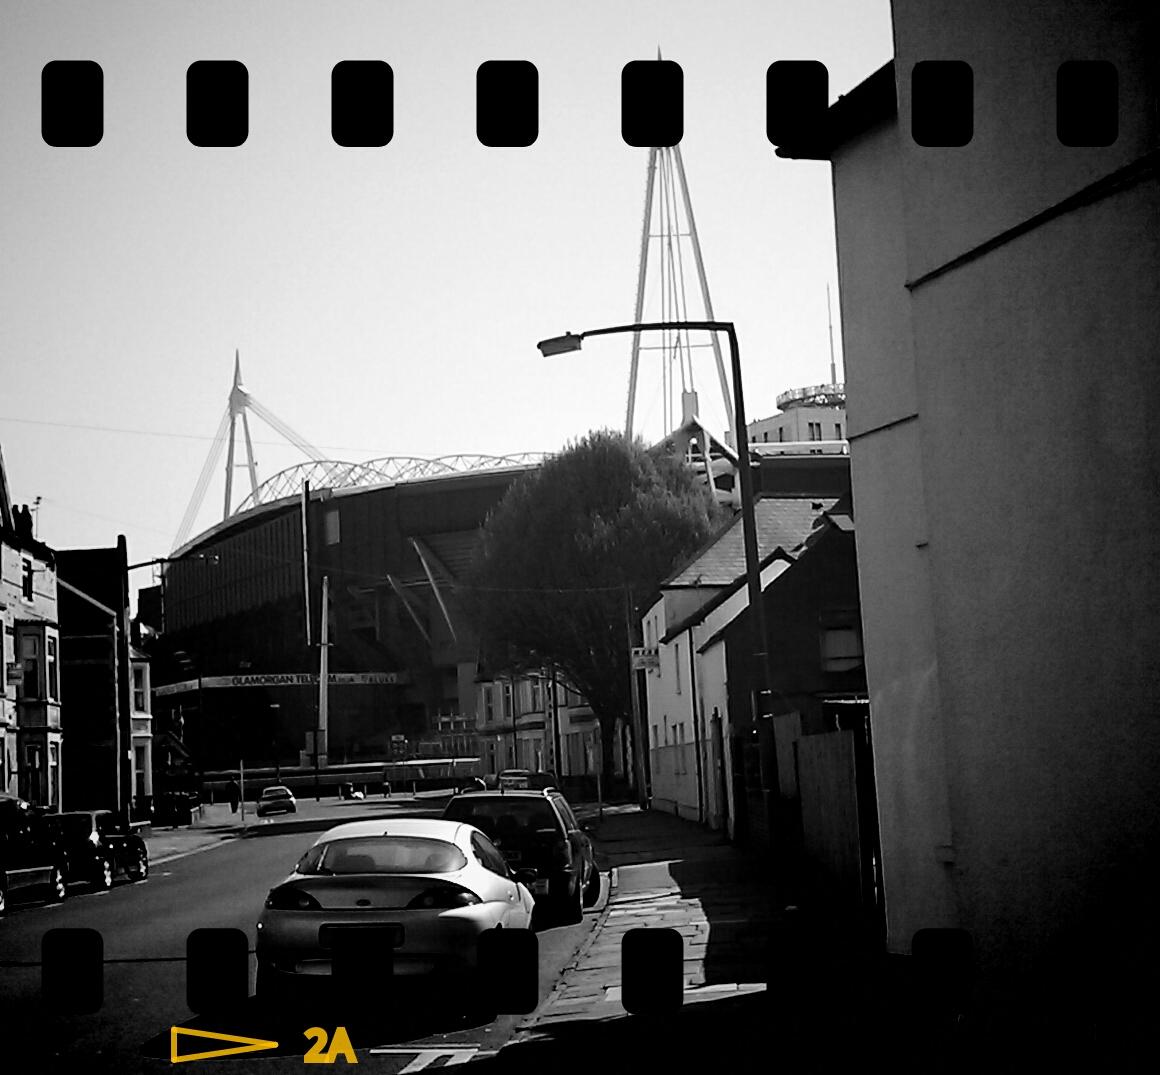 HTCDesire-Millennium Stadium